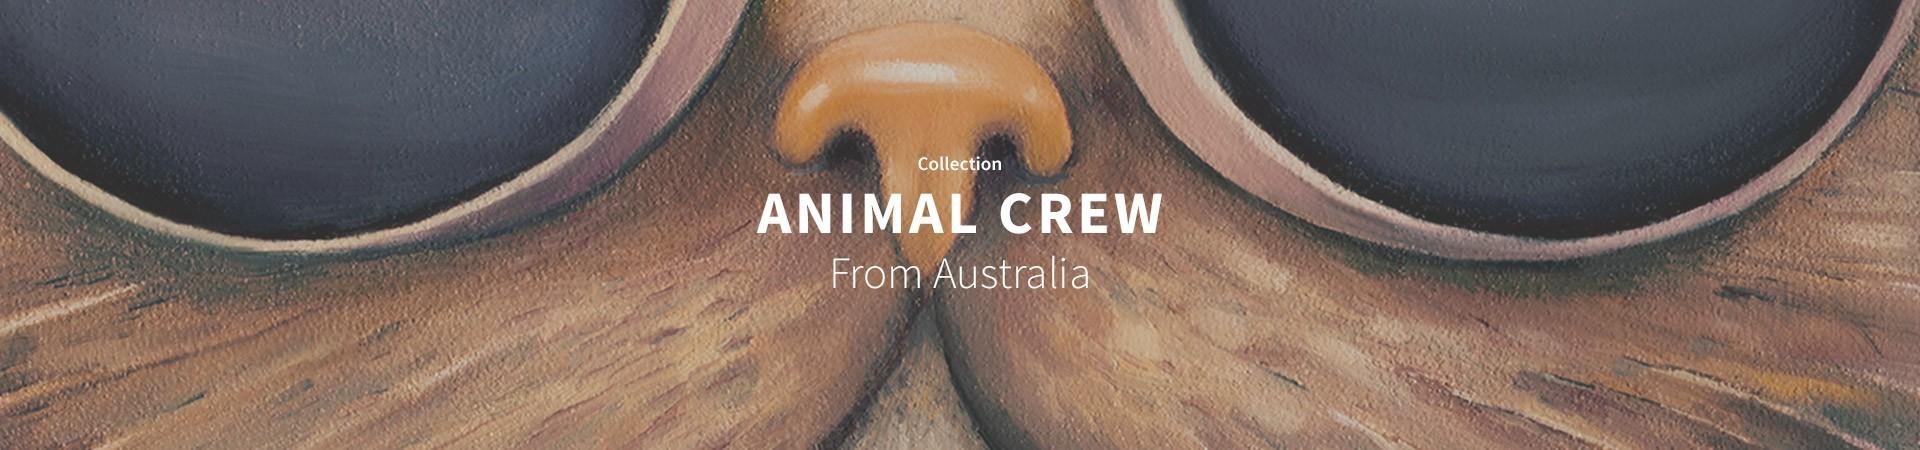 Animal Crew